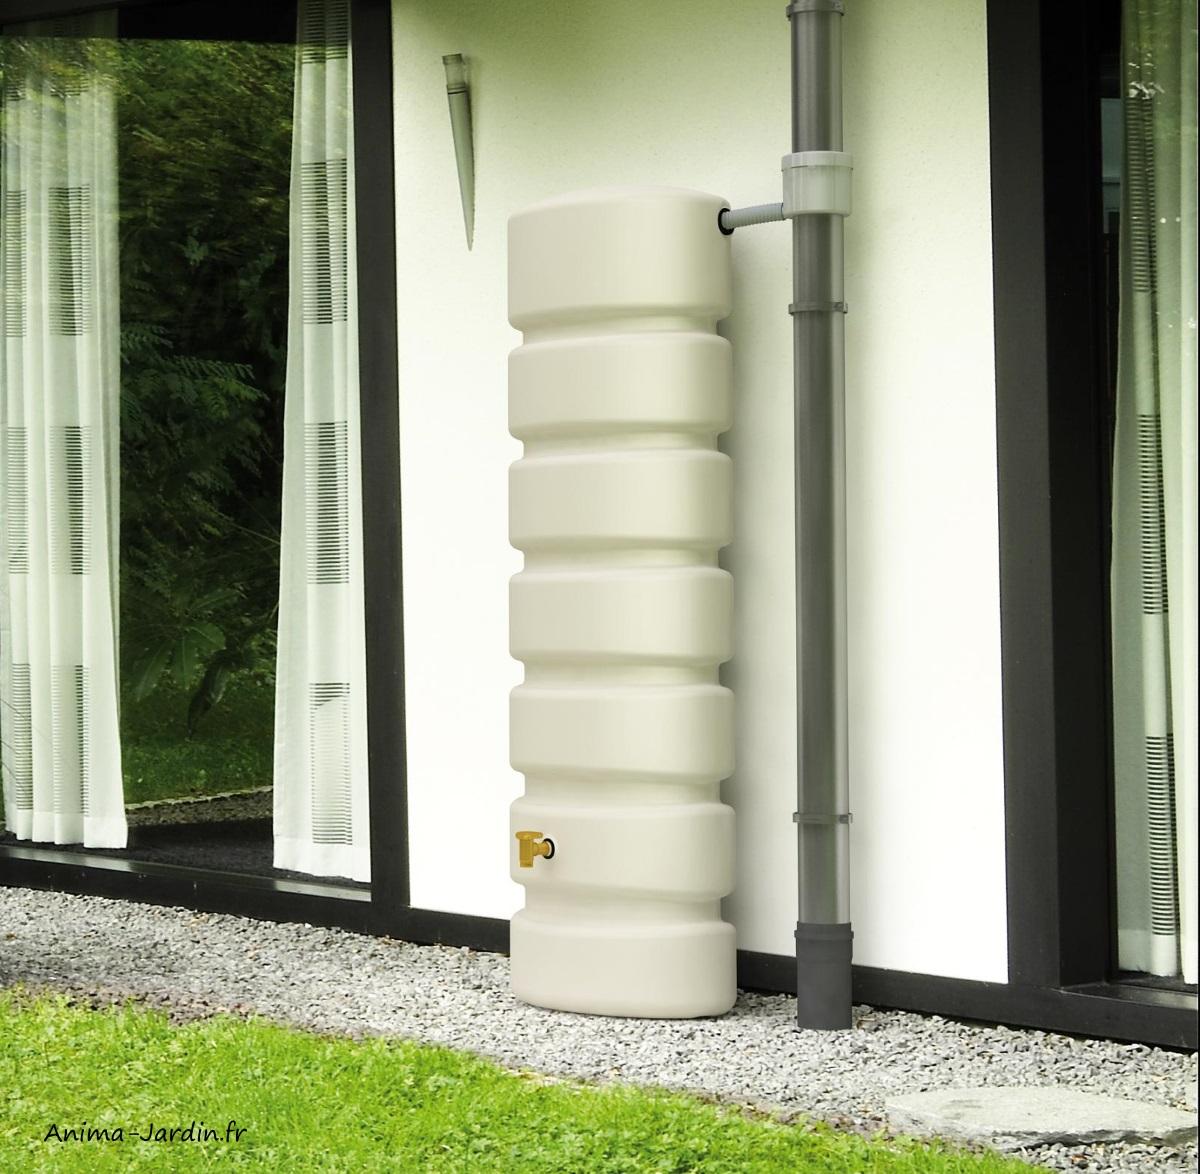 Récupérateur d'eau-Classic-650L-Sable-Graf-Anima-Jardin.fr